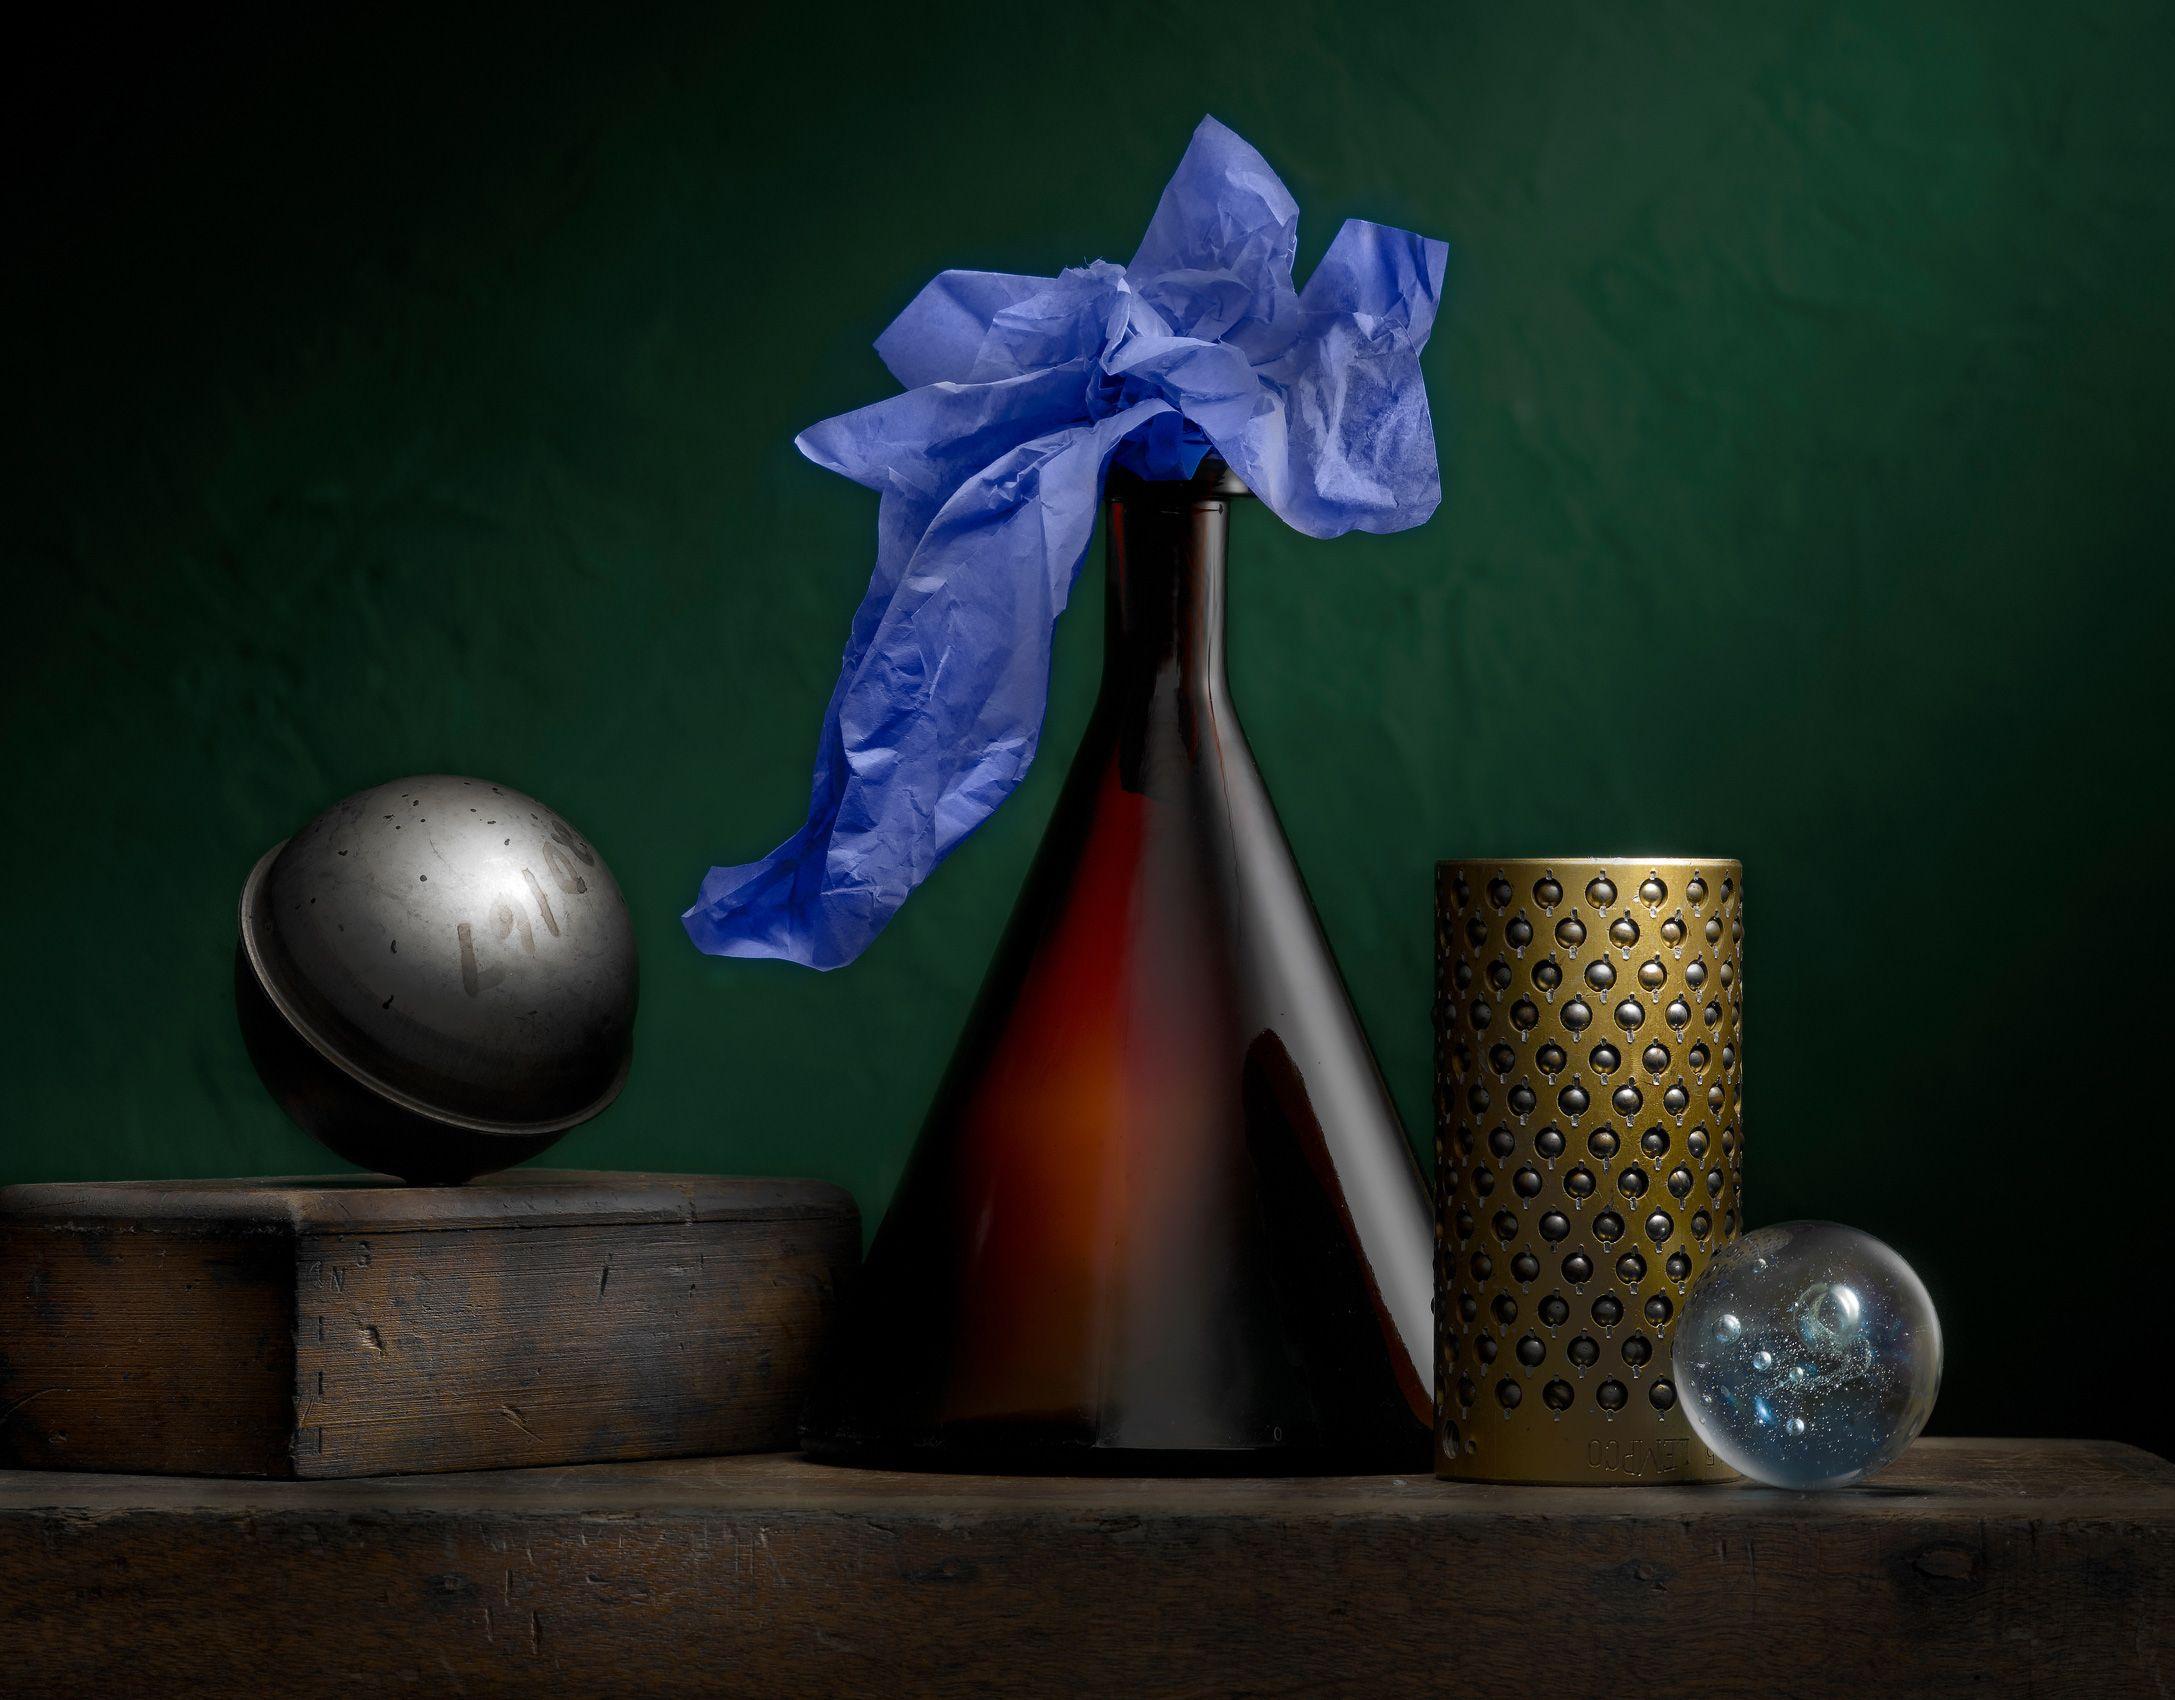 Still Life with Sake Bottle by Harold Ross